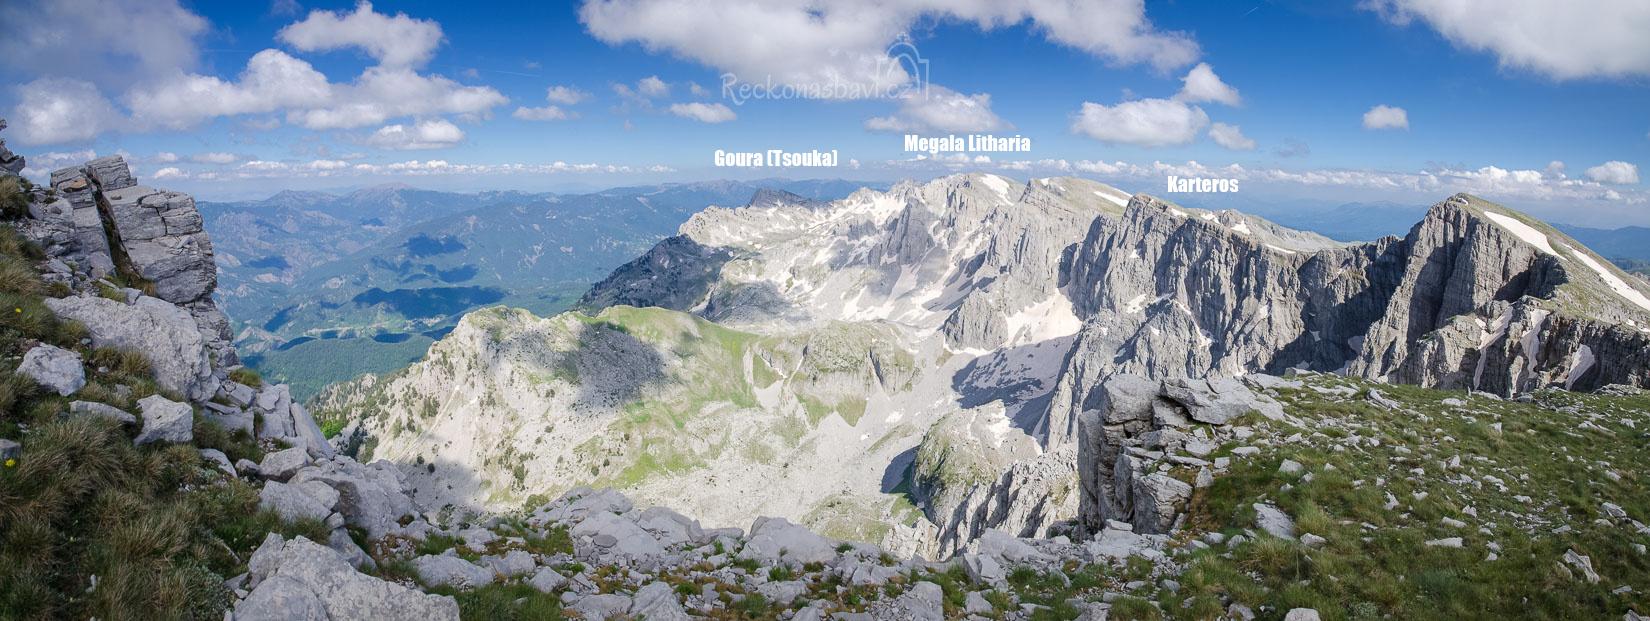 panorama na ještě zasněžené vrcholky Kasteros, Megala Litharia a Goura (Tsouka)